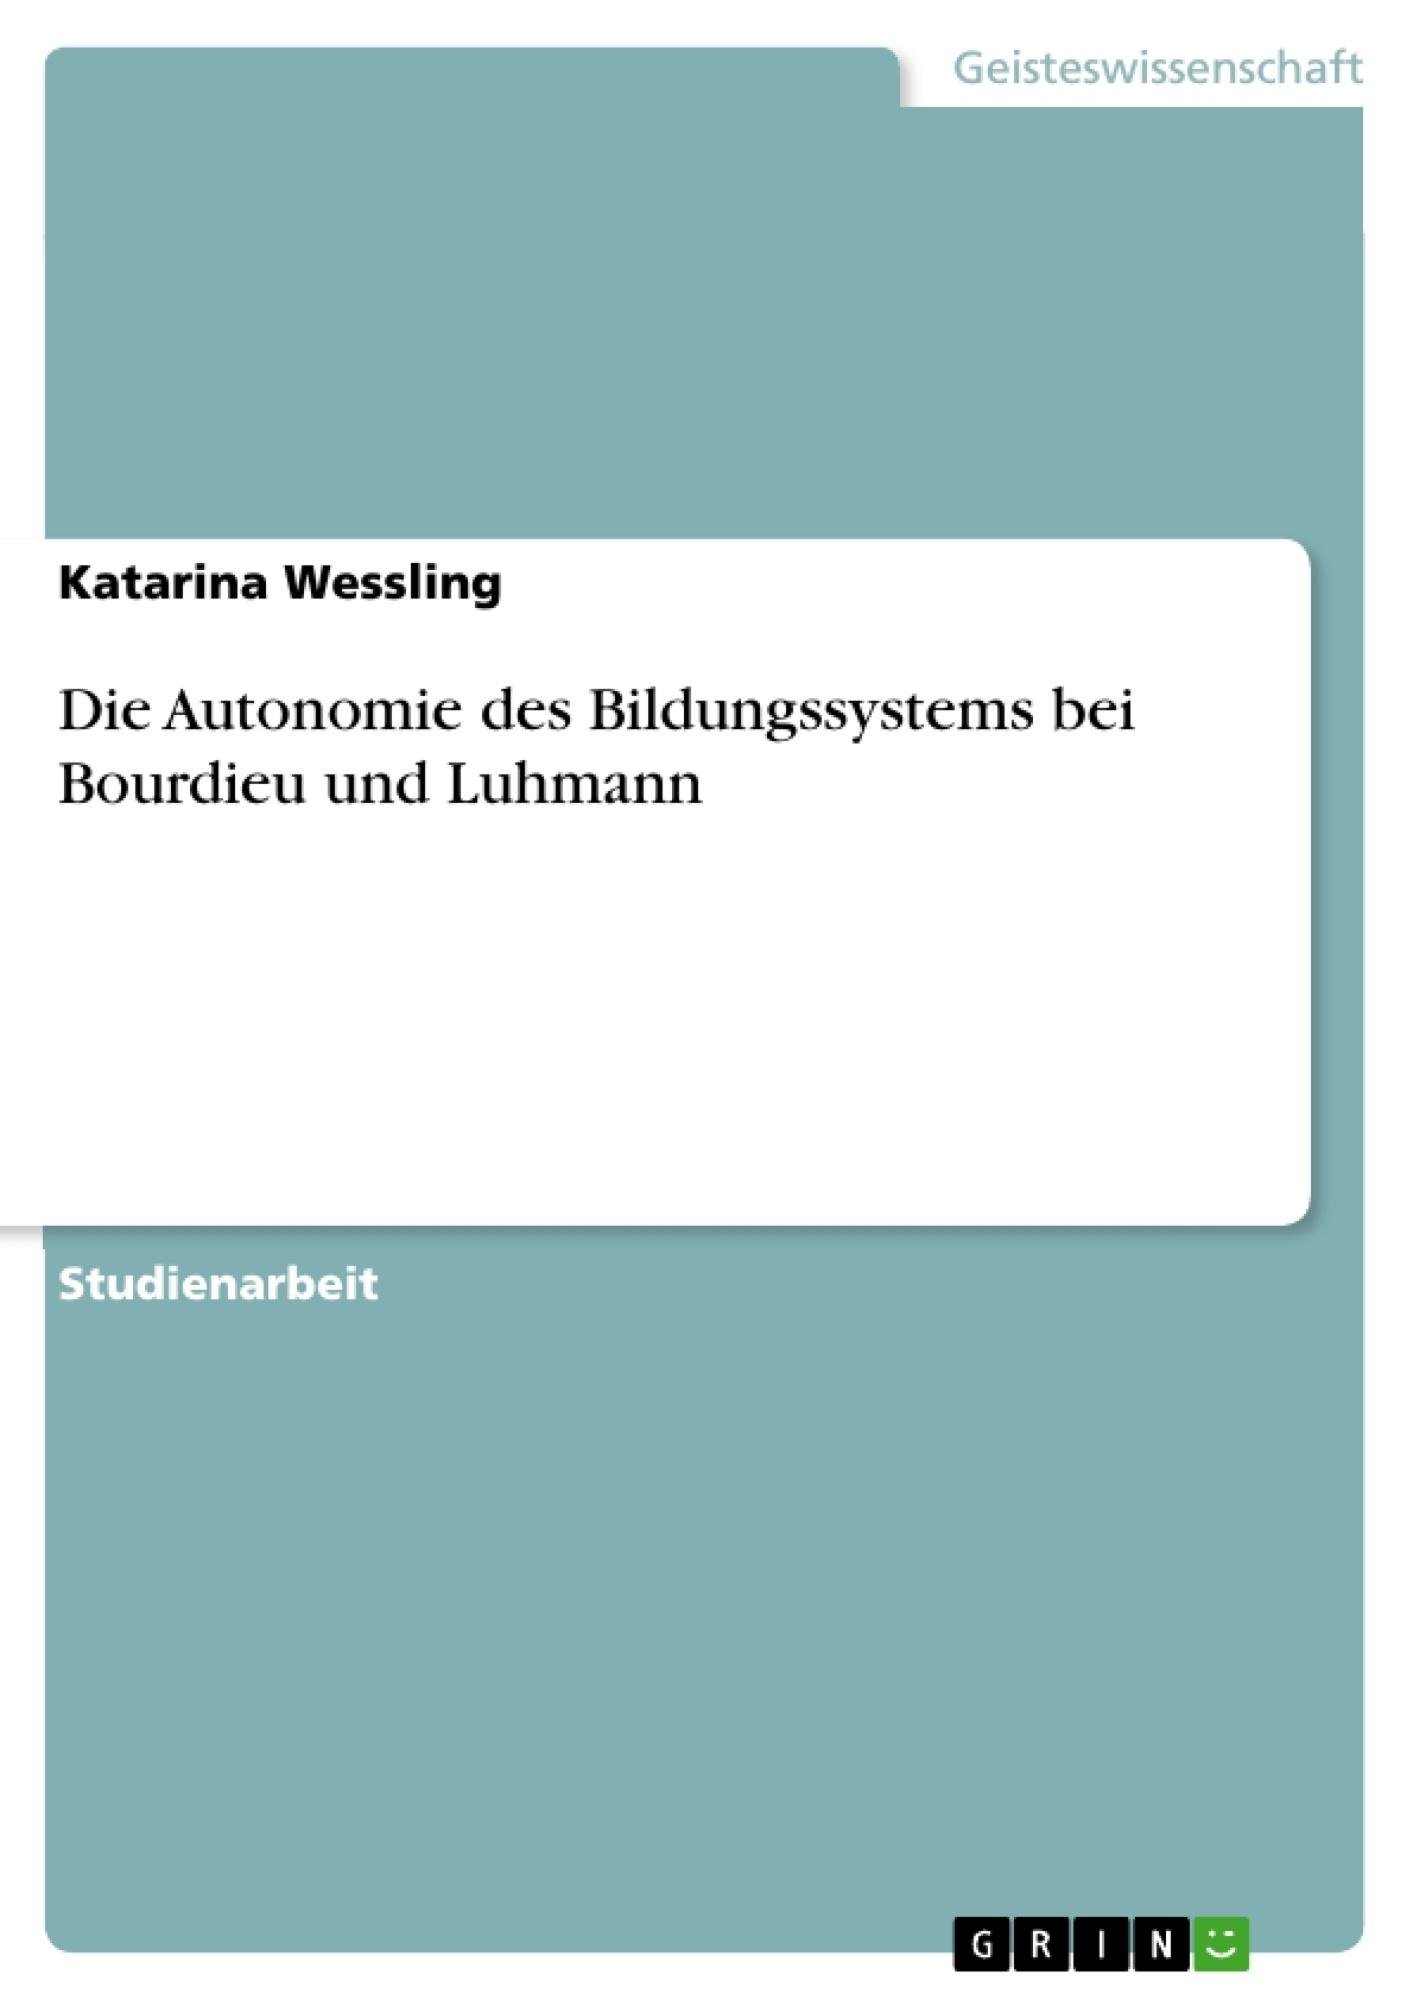 Titel: Die Autonomie des Bildungssystems bei Bourdieu und Luhmann